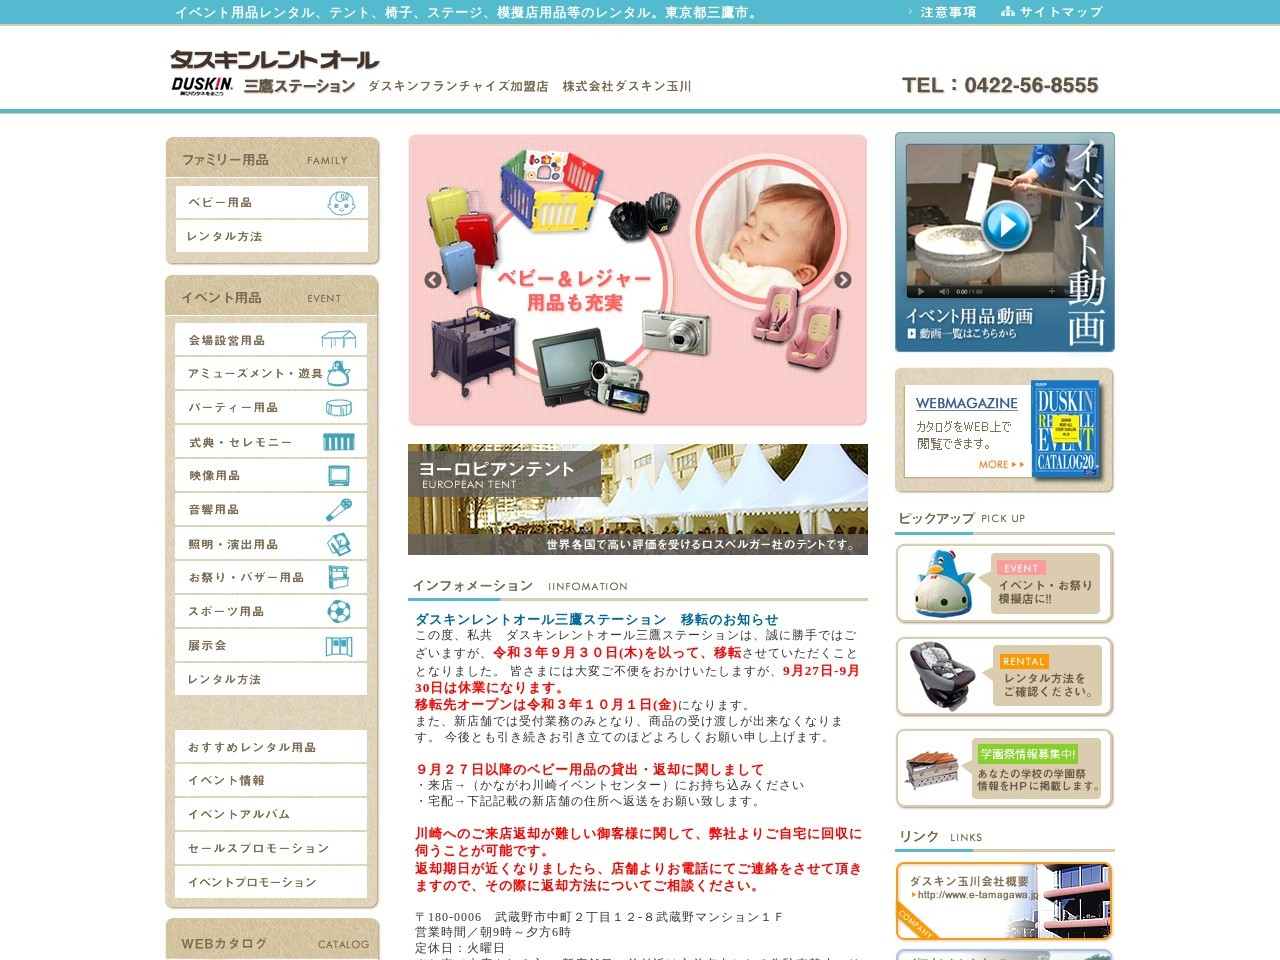 テント・模擬店用品・イベント用品レンタル/ダスキンレントオール三鷹ステーション/東京都